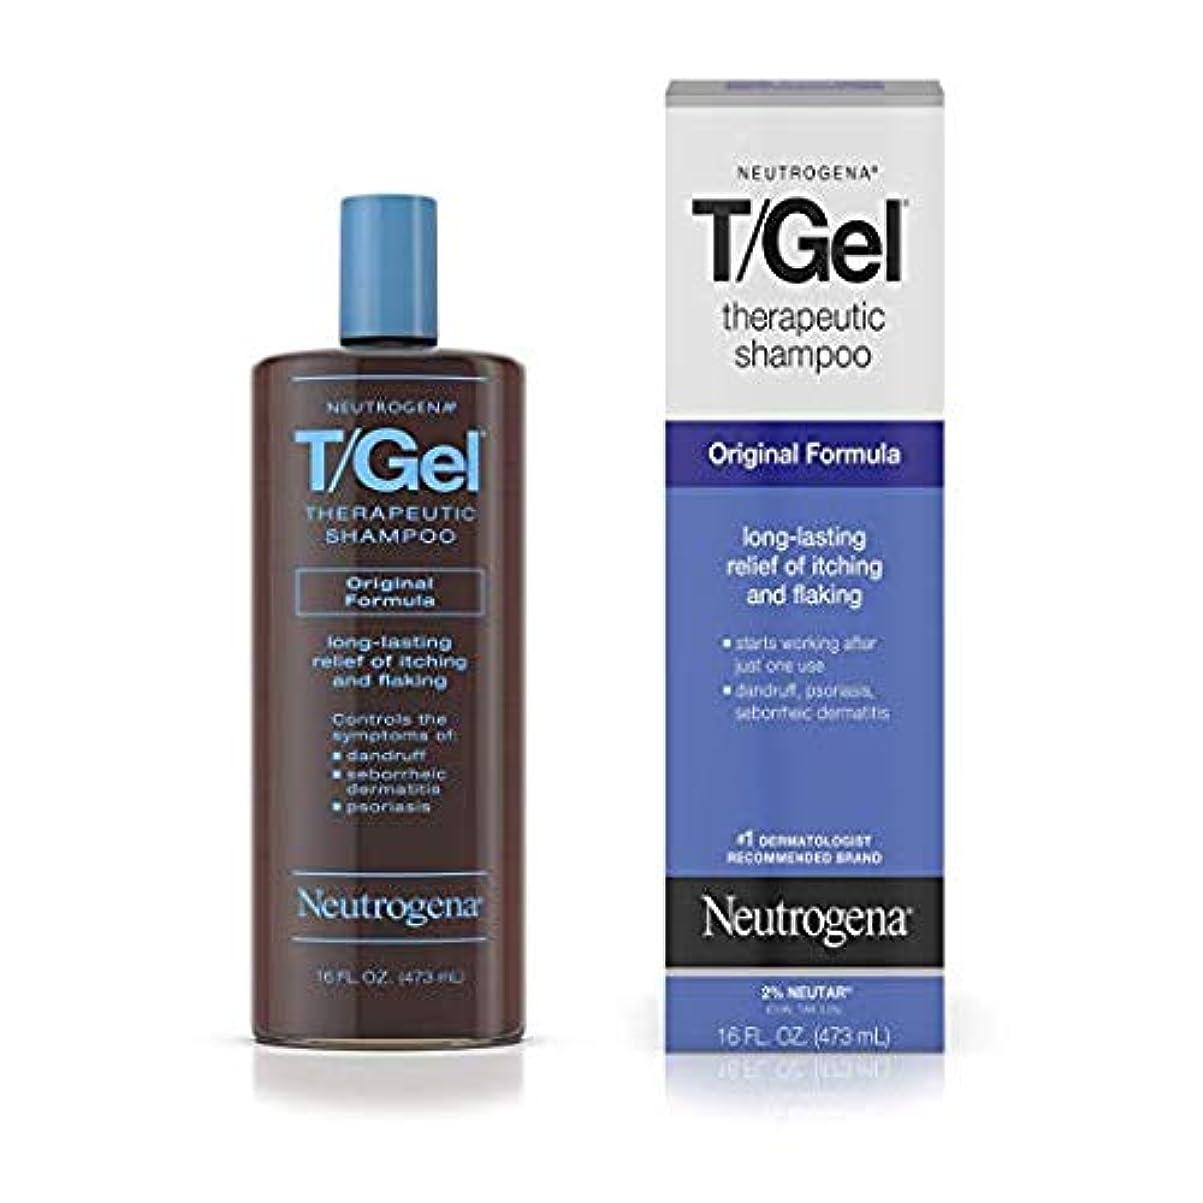 物質黒エスカレーターNeutrogena T/Gel Therapeutic Shampoo Original Formula [並行輸入品]